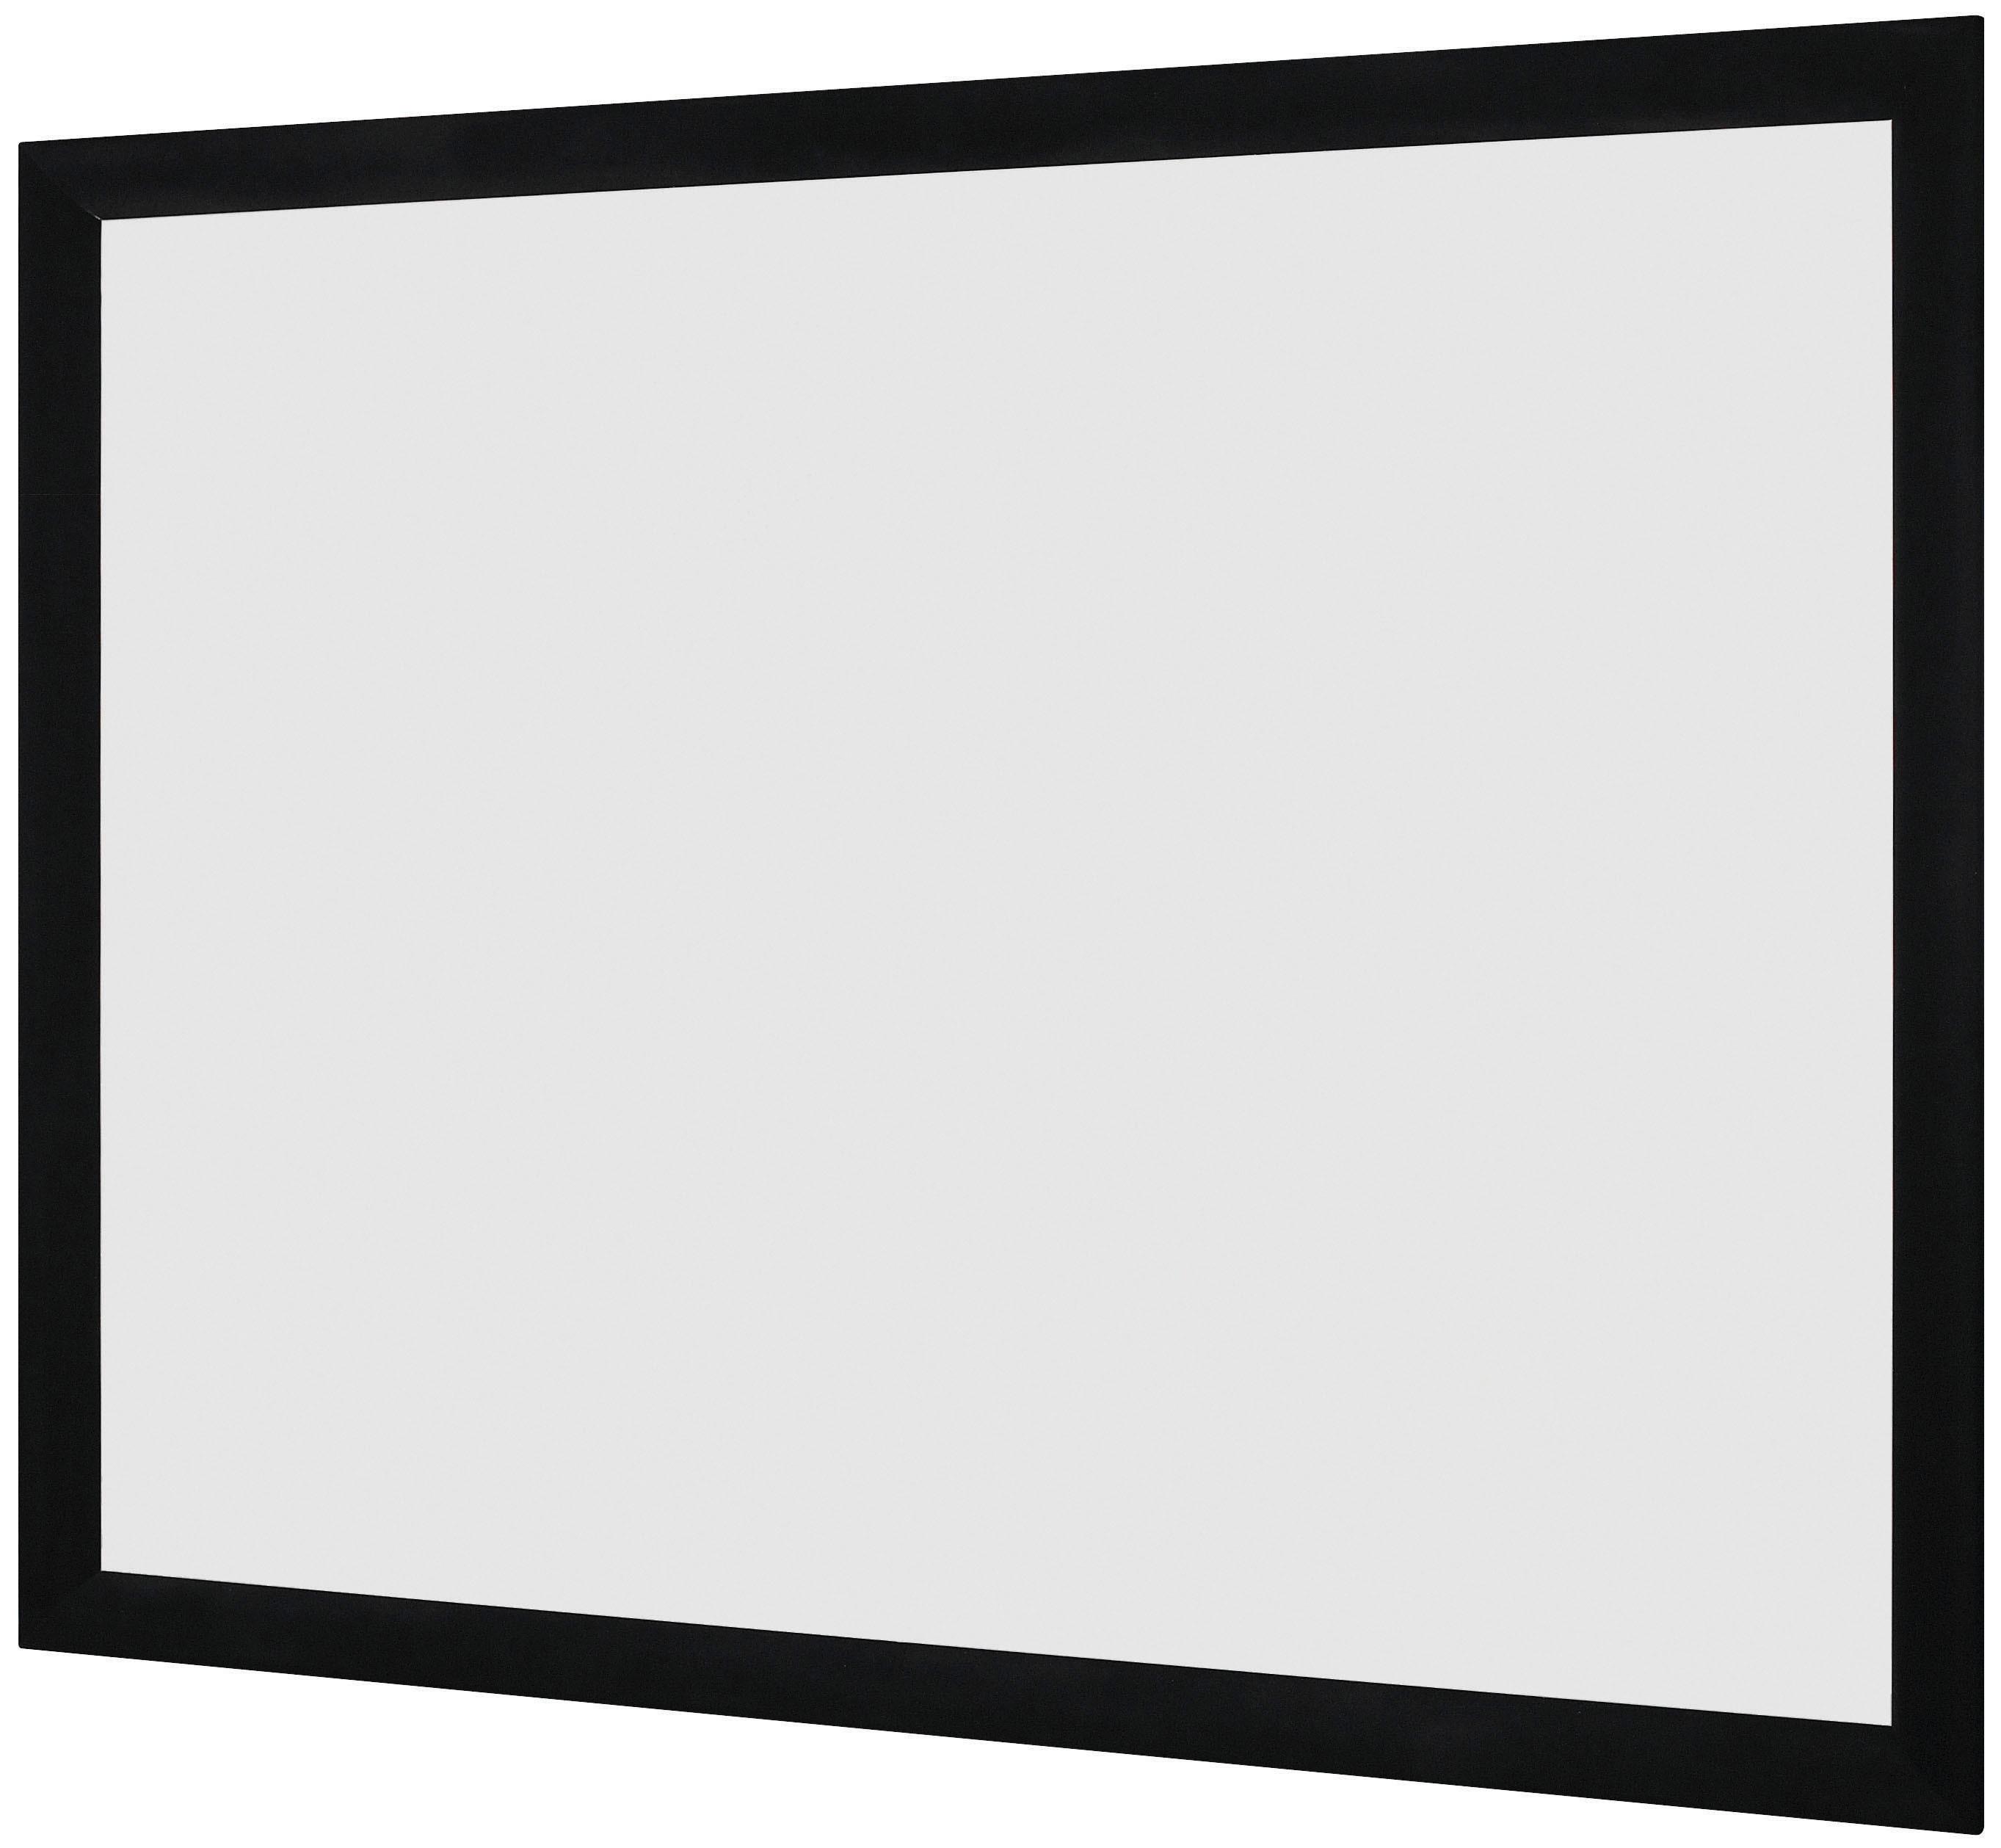 ecran de projection sur cadre oray cadre hc 202x270 audiovisuel solution